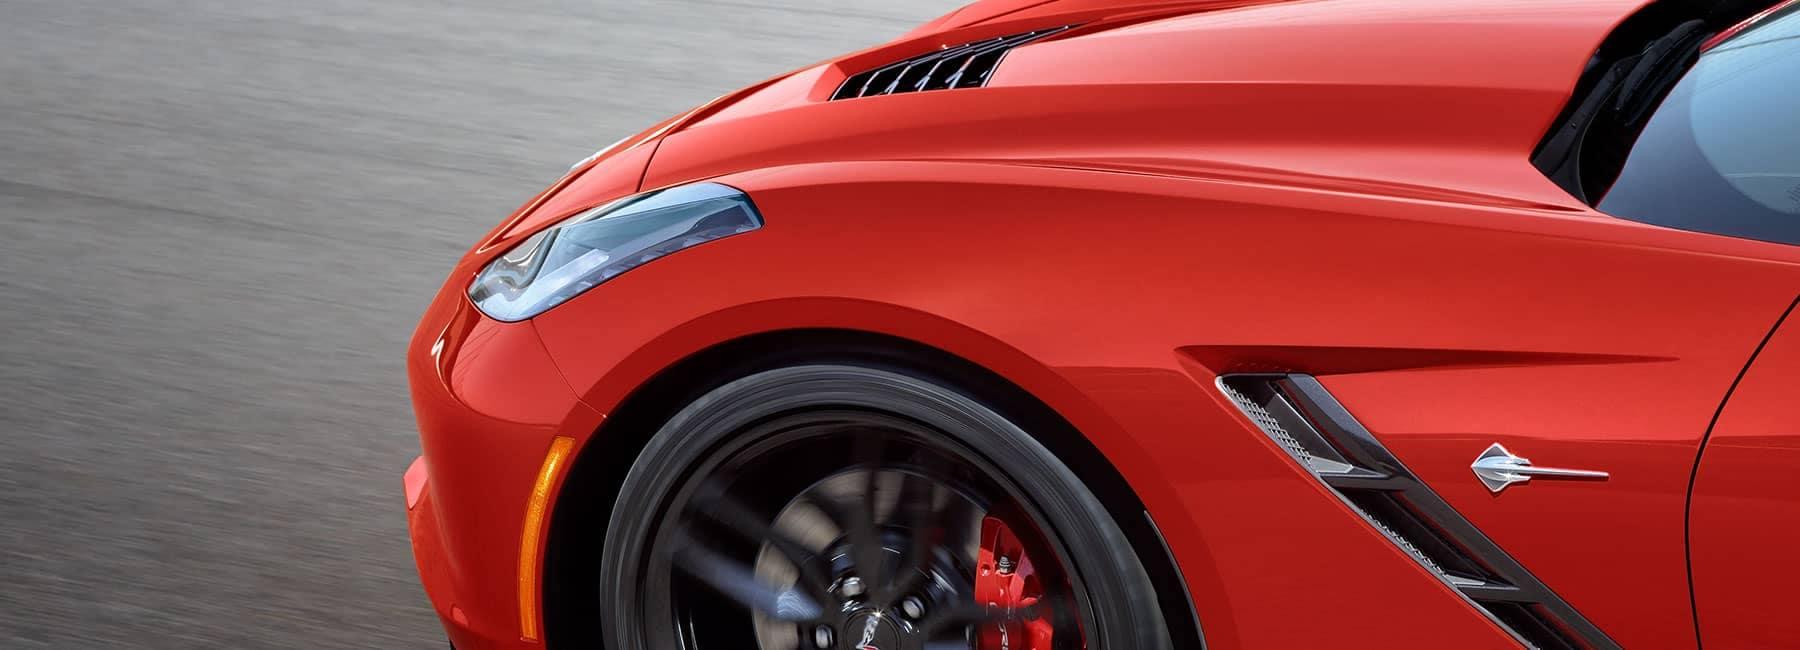 2019 Chevrolet sport red